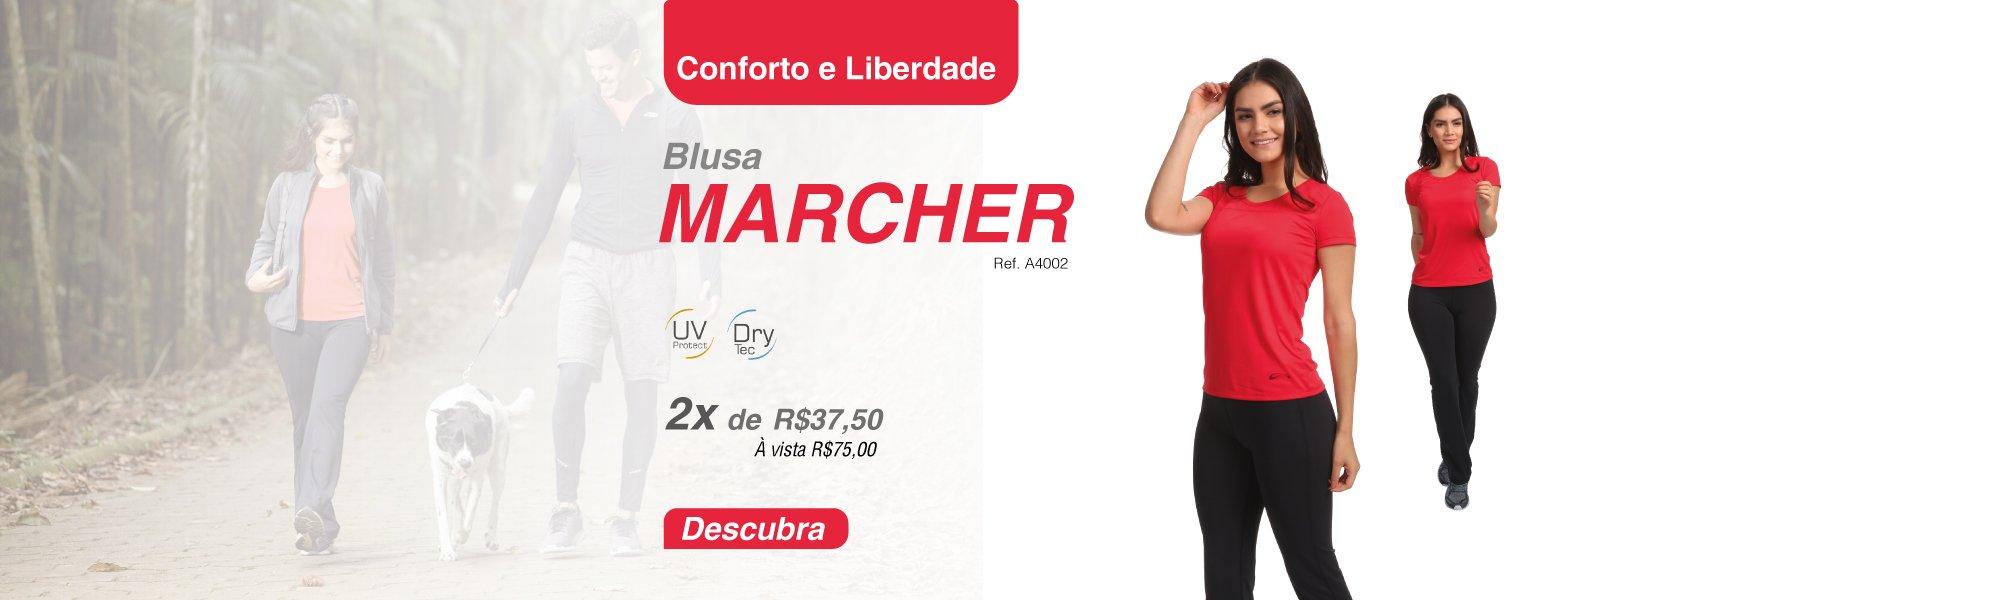 Blusa Marcher